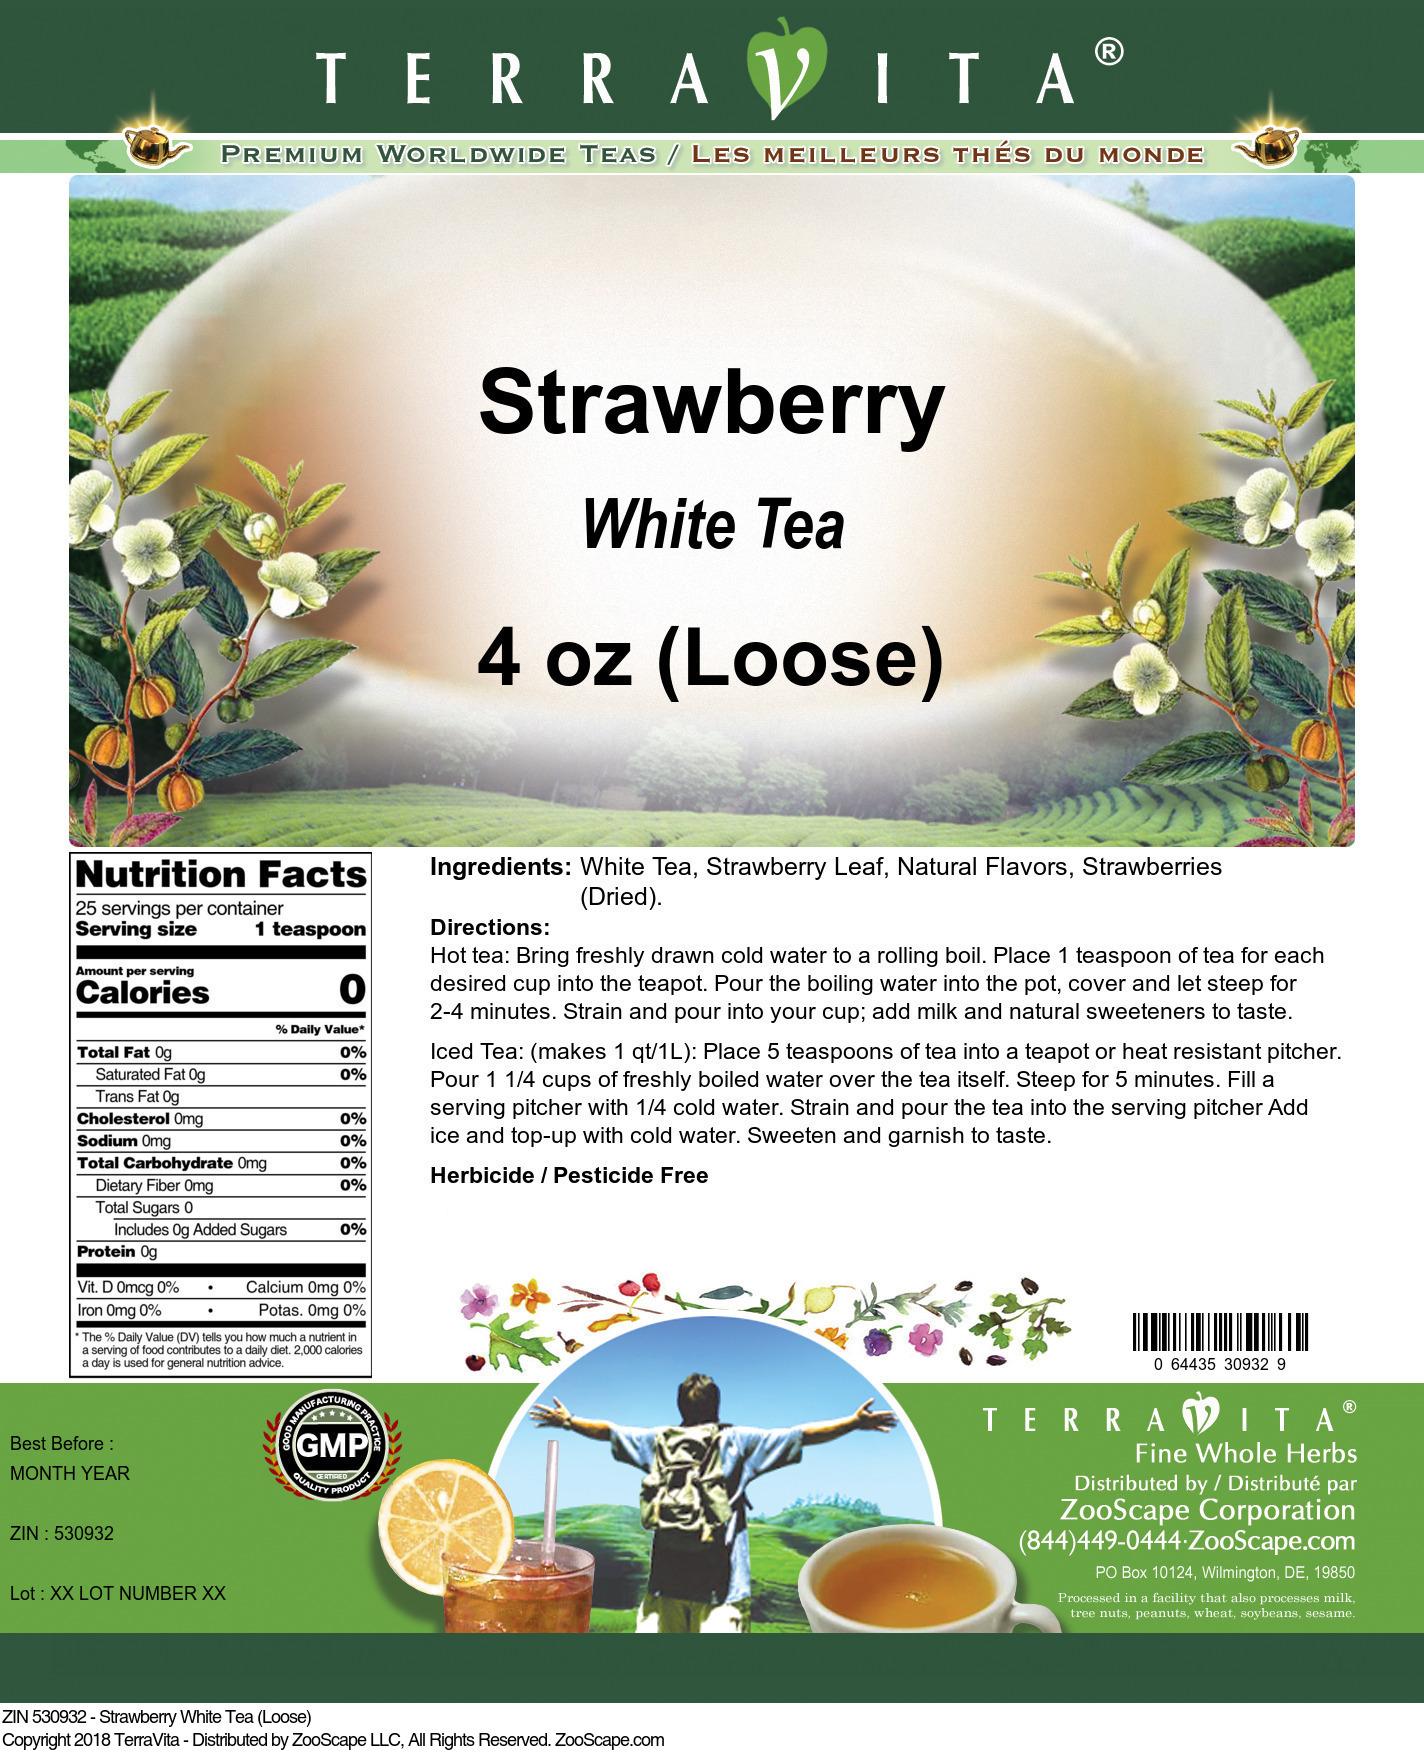 Strawberry White Tea (Loose)